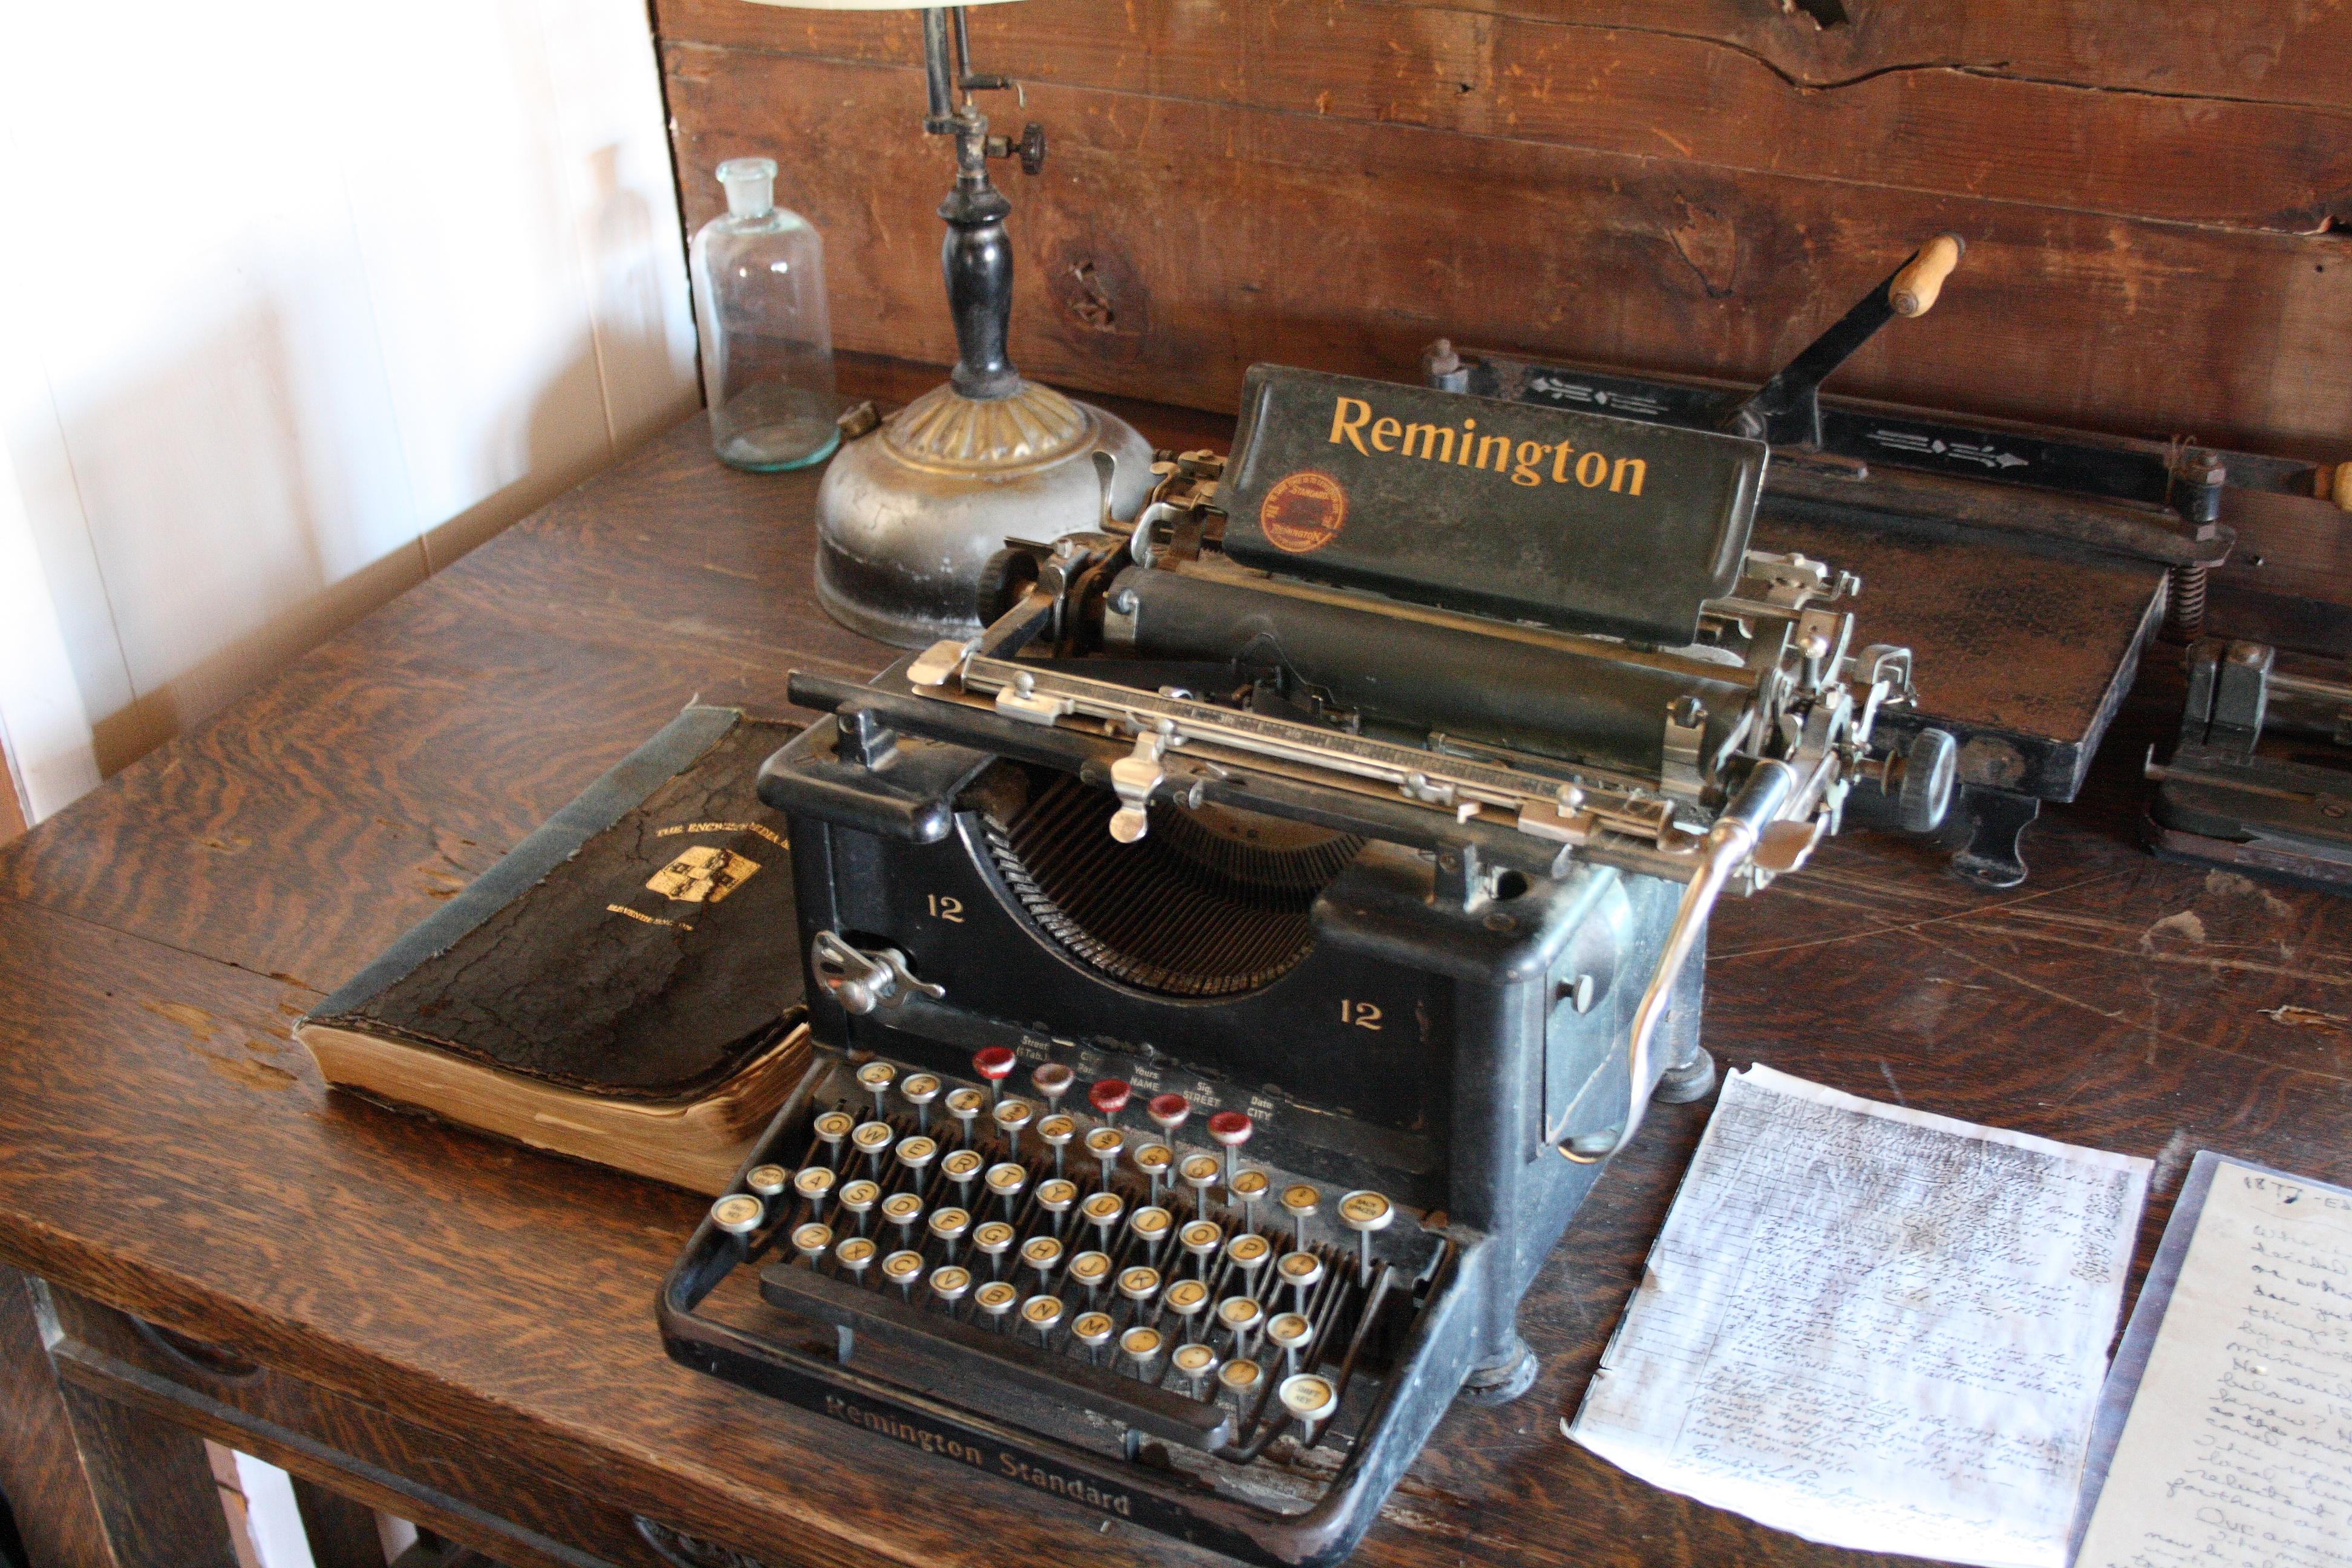 этих боях фото старые печатные машинки близнецы очень